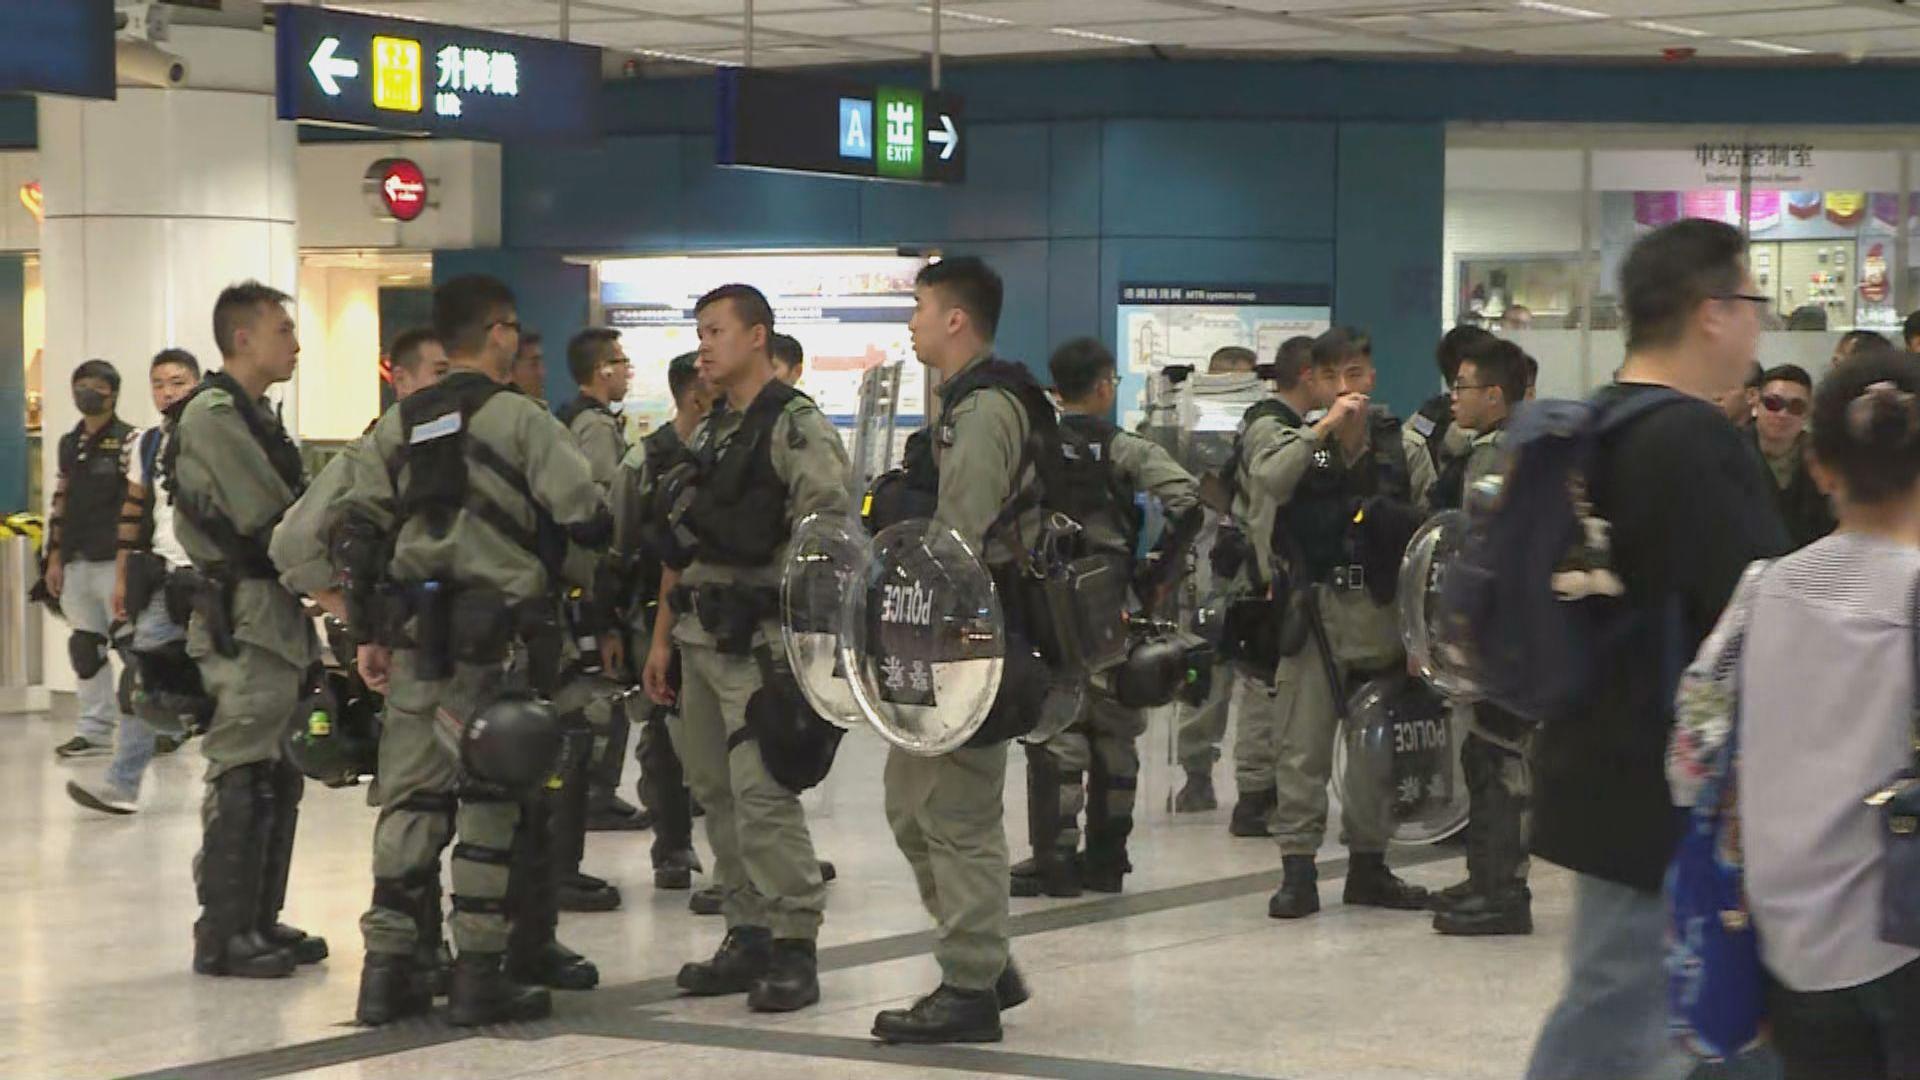 屯門站關閉後 防暴警察隨即到站戒備